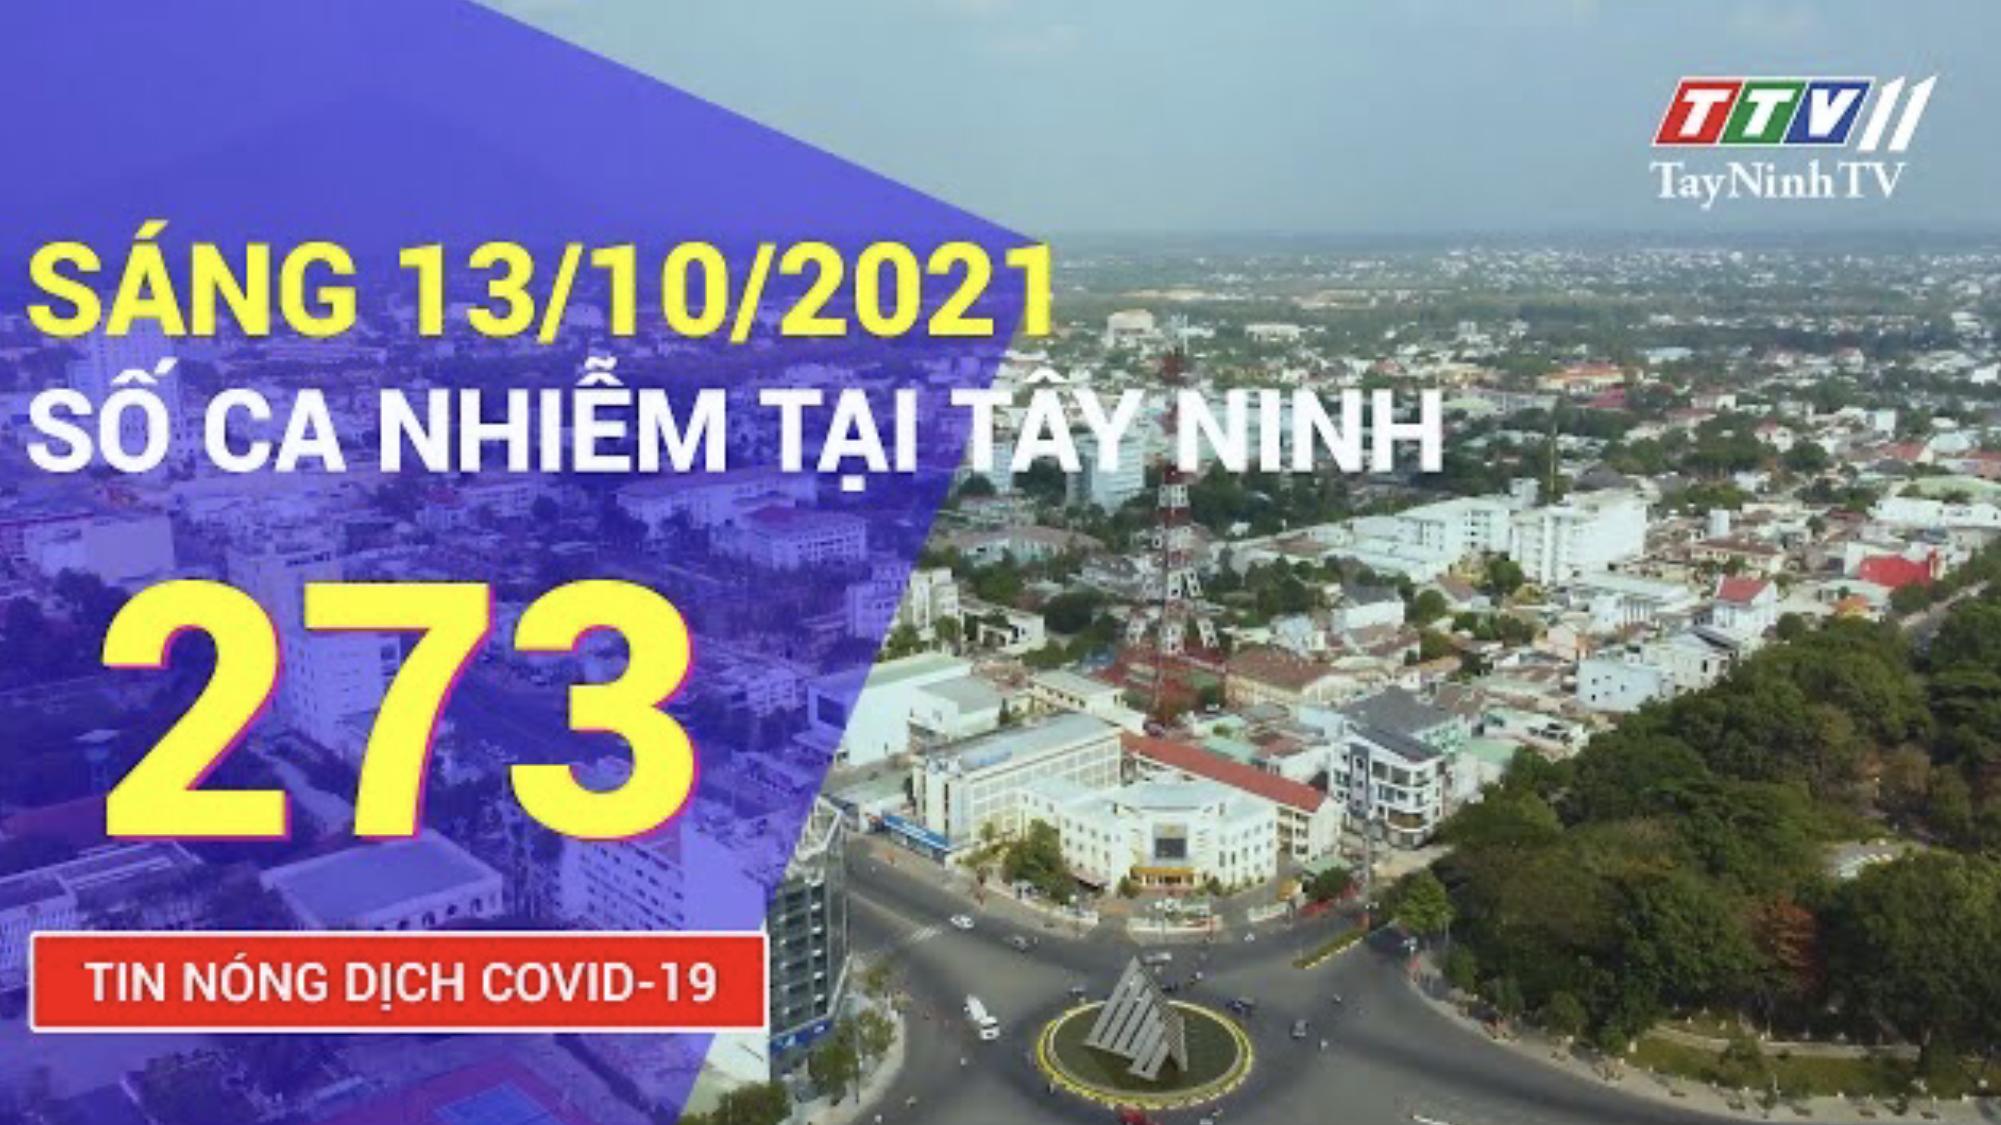 TIN TỨC COVID-19 SÁNG NGÀY 13/10/2021 | Tin tức hôm nay | TayNinhTV